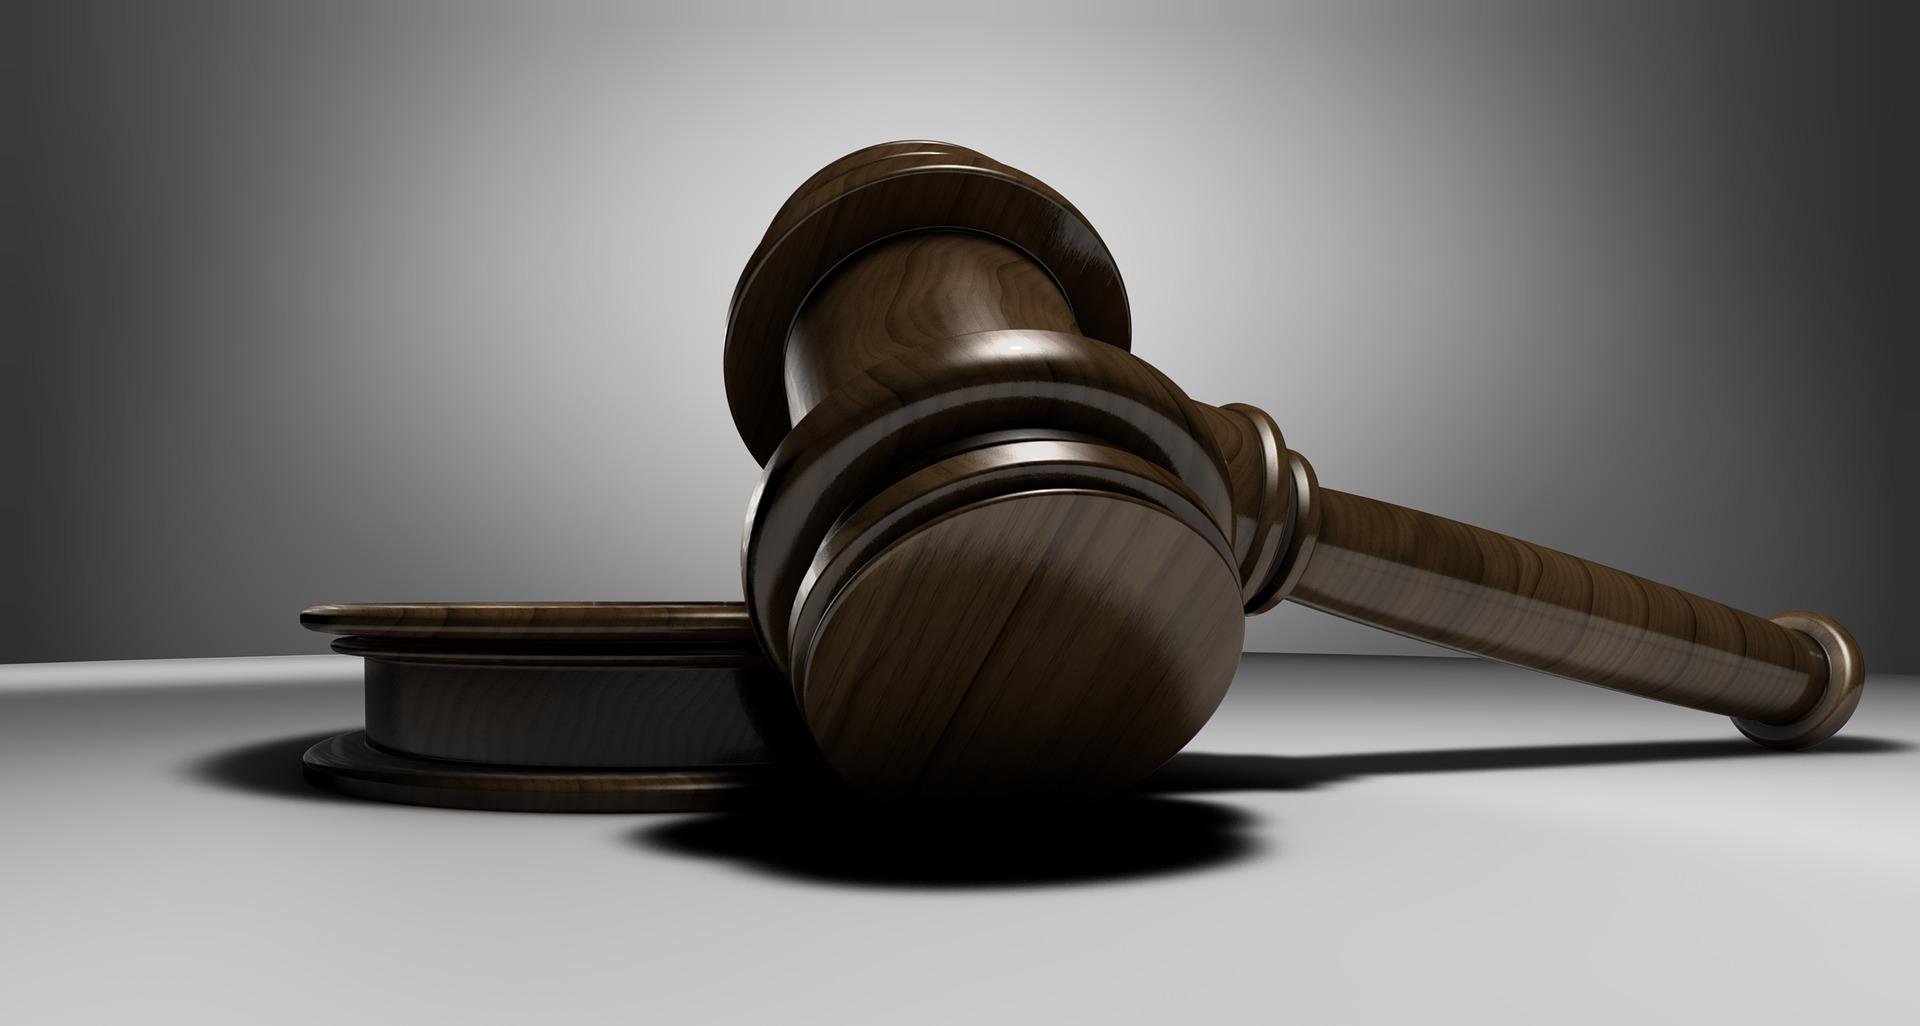 DALL'AUTORITA' PER LA PROTEZIONE DEI DATI DI MALTA: Tribunale Per I Ricorsi In Materia Di Informazioni E Protezione Dei Dati